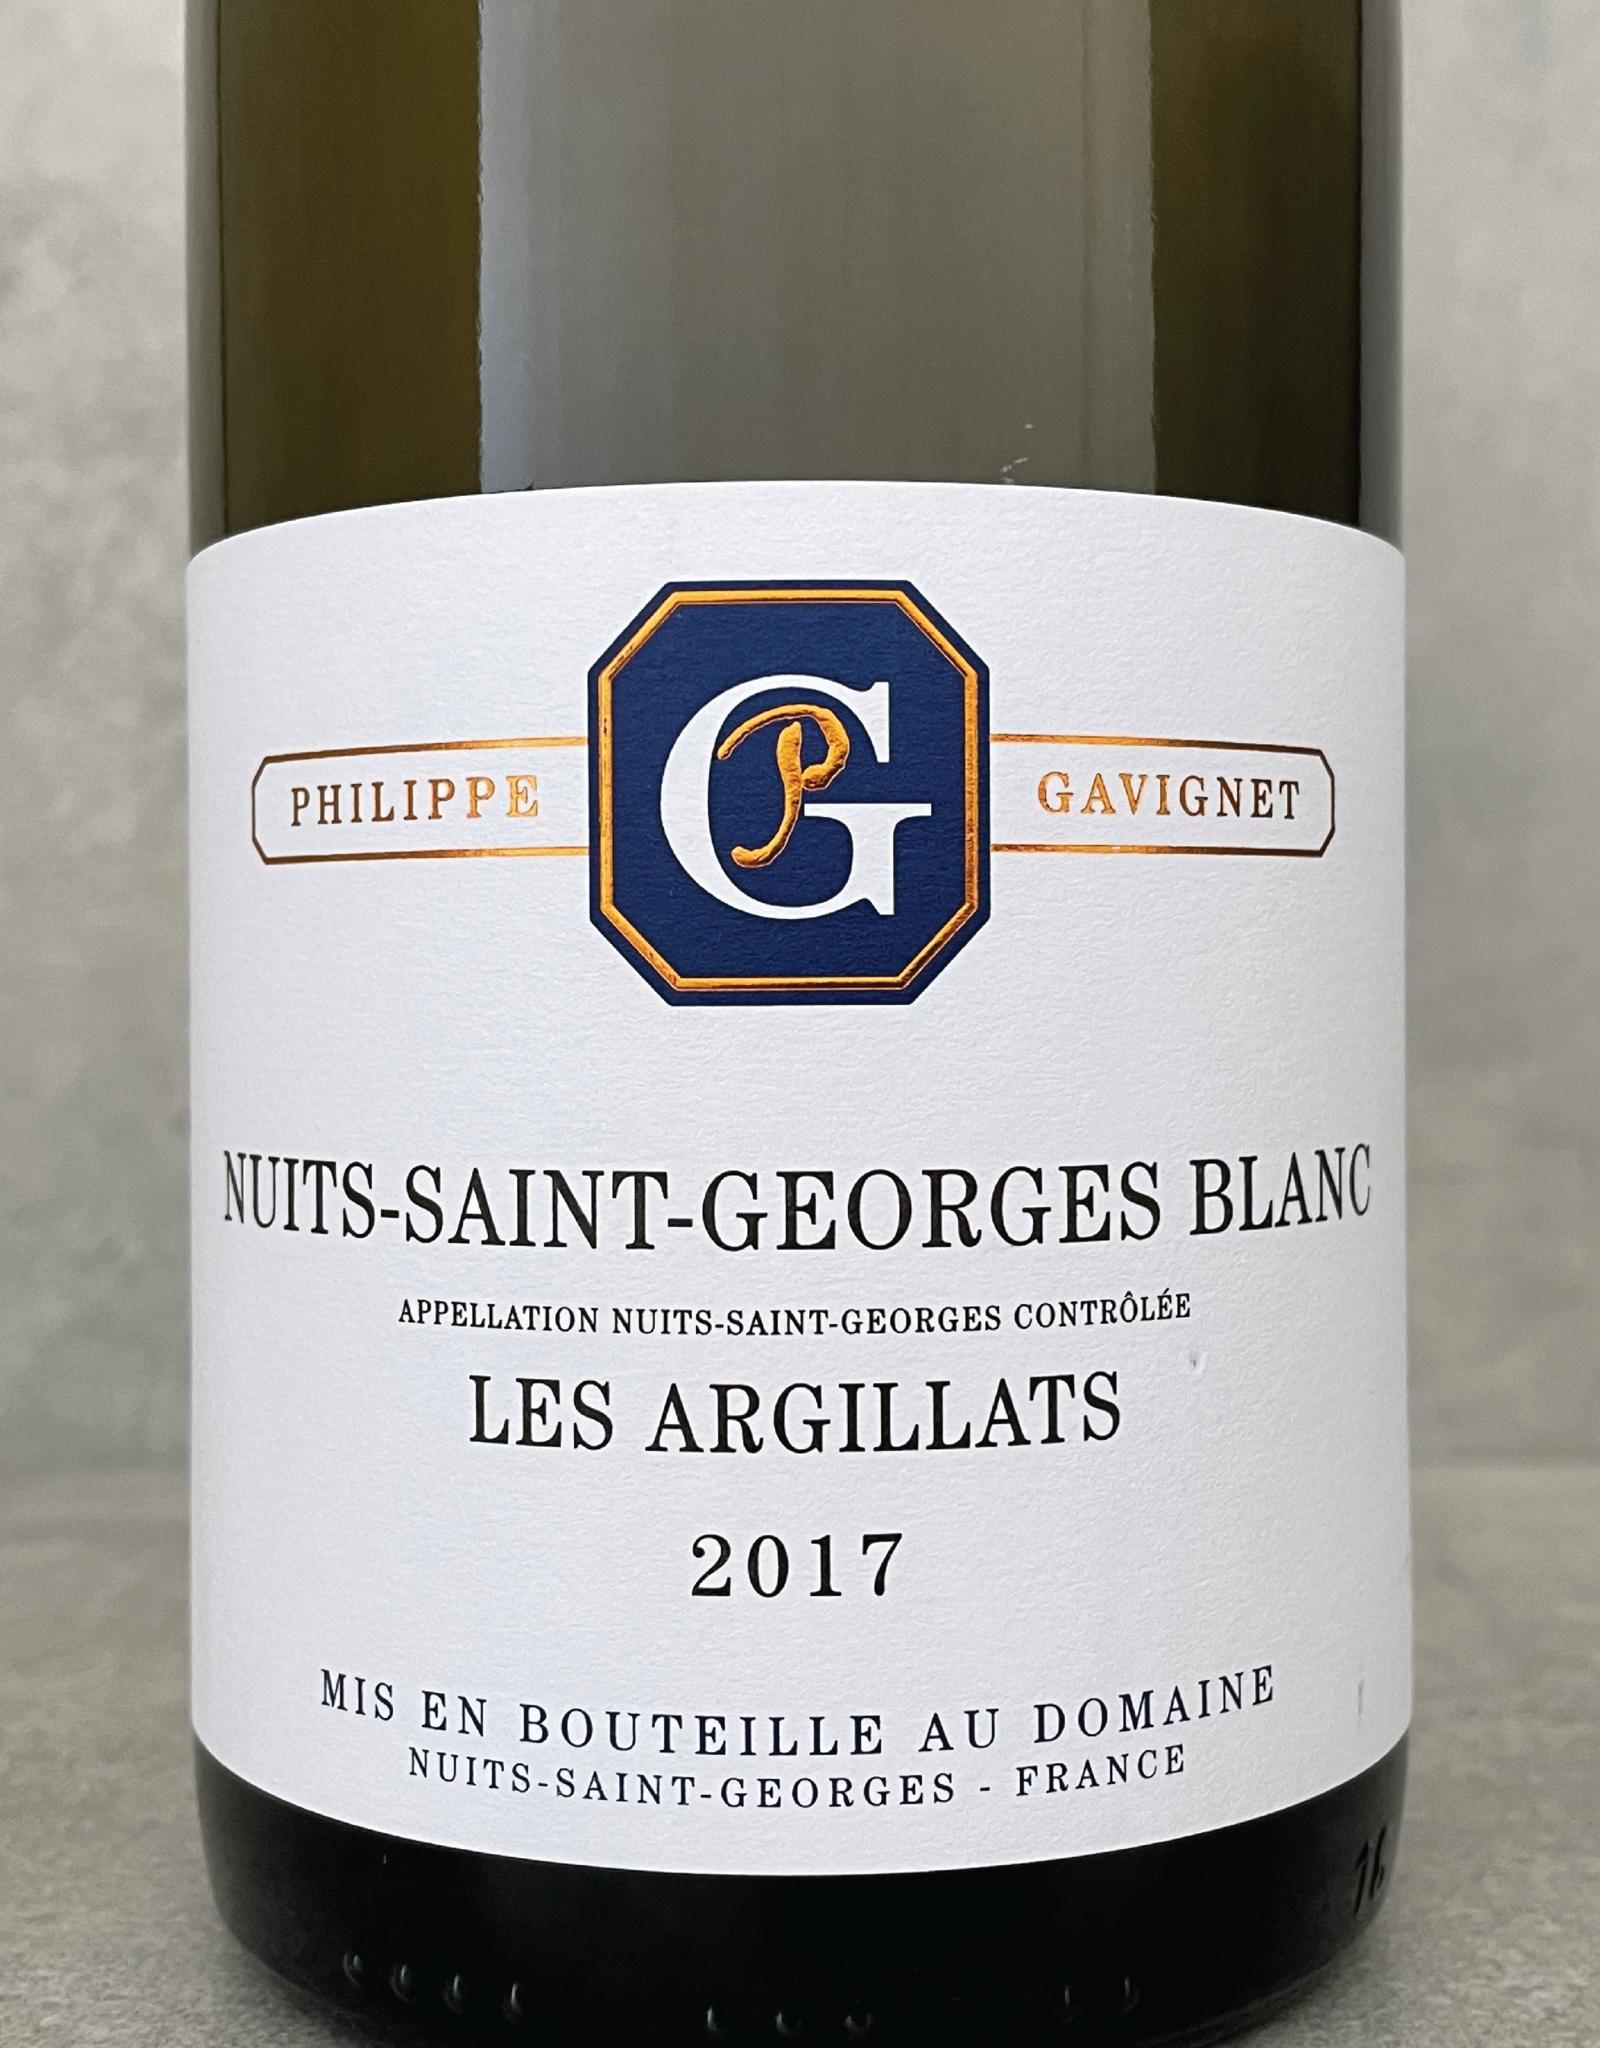 Philippe Gavignet Nuits Saint Georges Blanc Les Argillats 2017